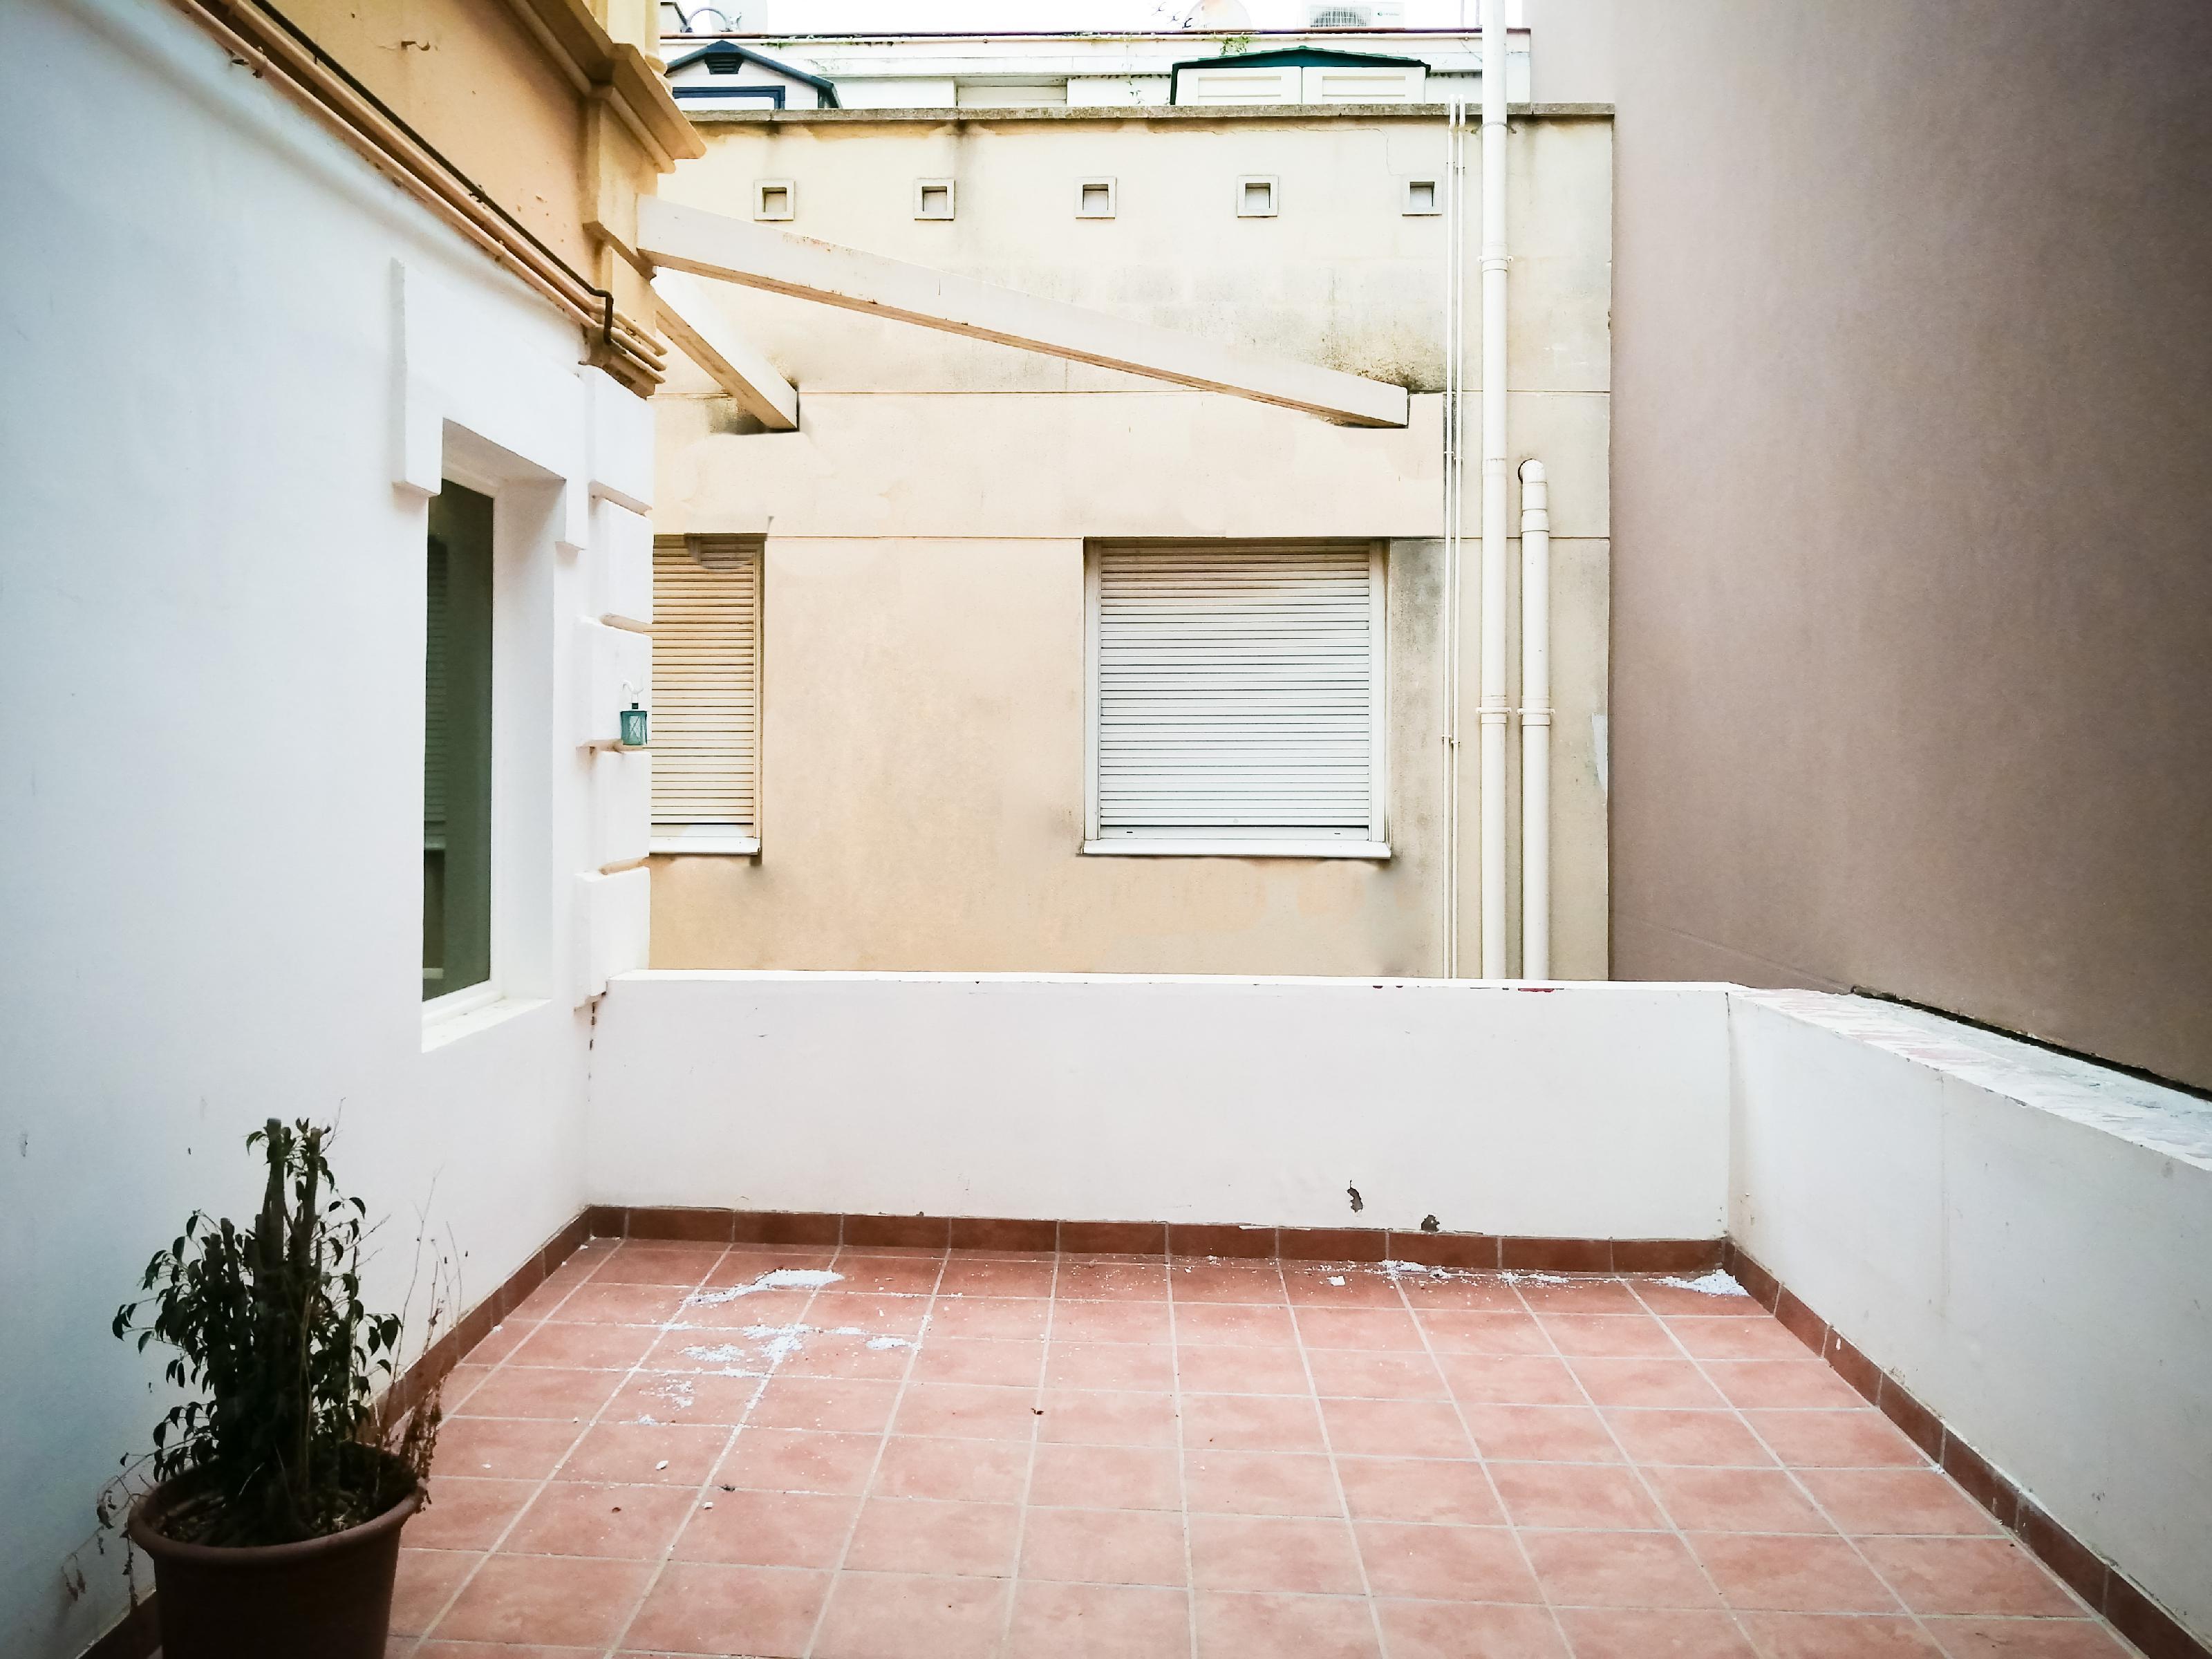 246065 Flat for sale in Sarrià-Sant Gervasi, Sarrià 19